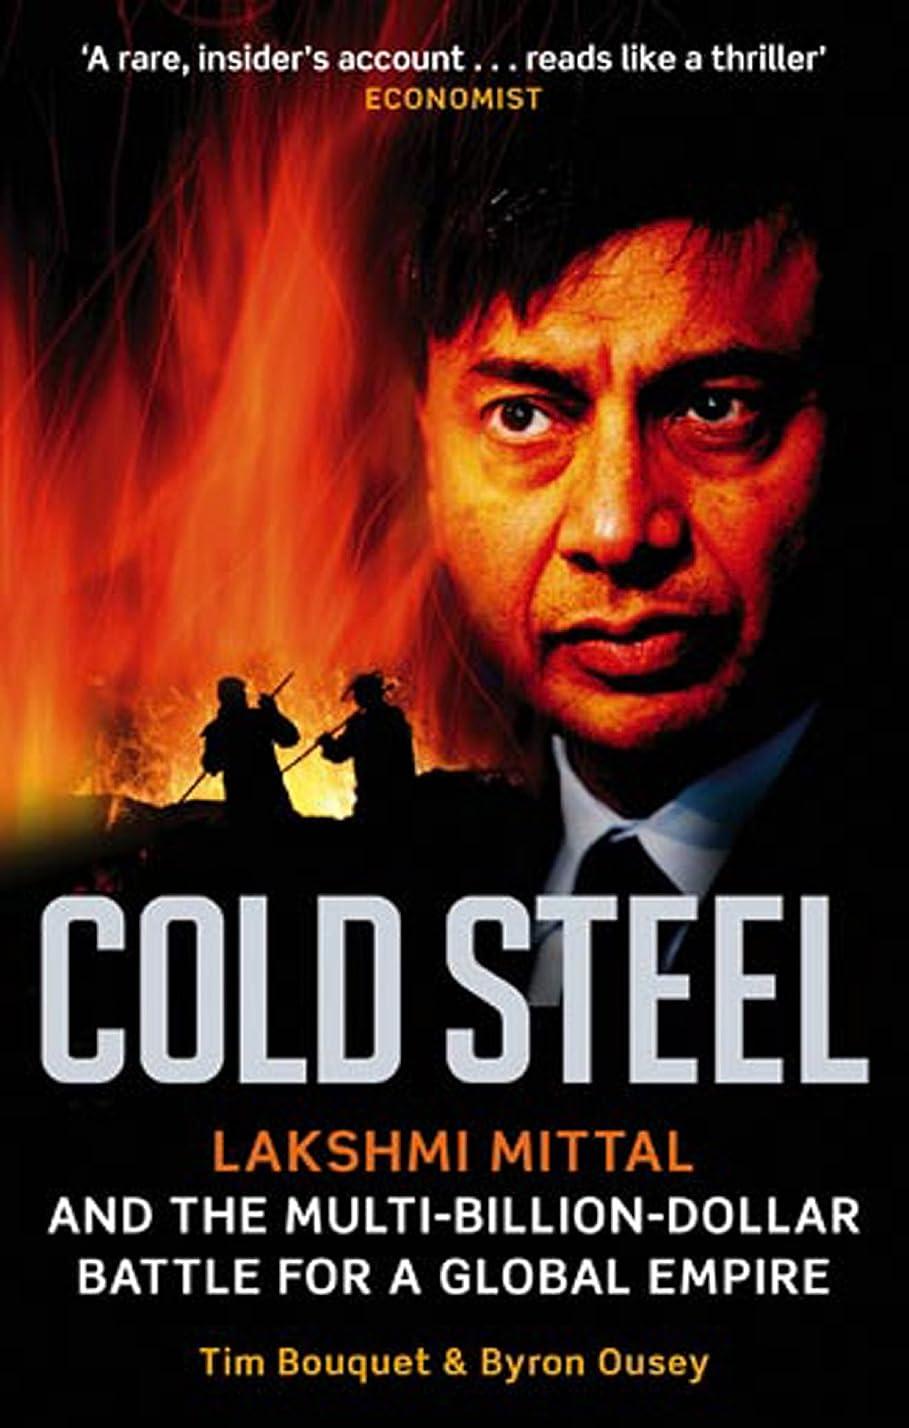 魔法ブート沼地Cold Steel: Lakshmi Mittal and the Multi-Billion-Dollar Battle for a Global Empire (English Edition)